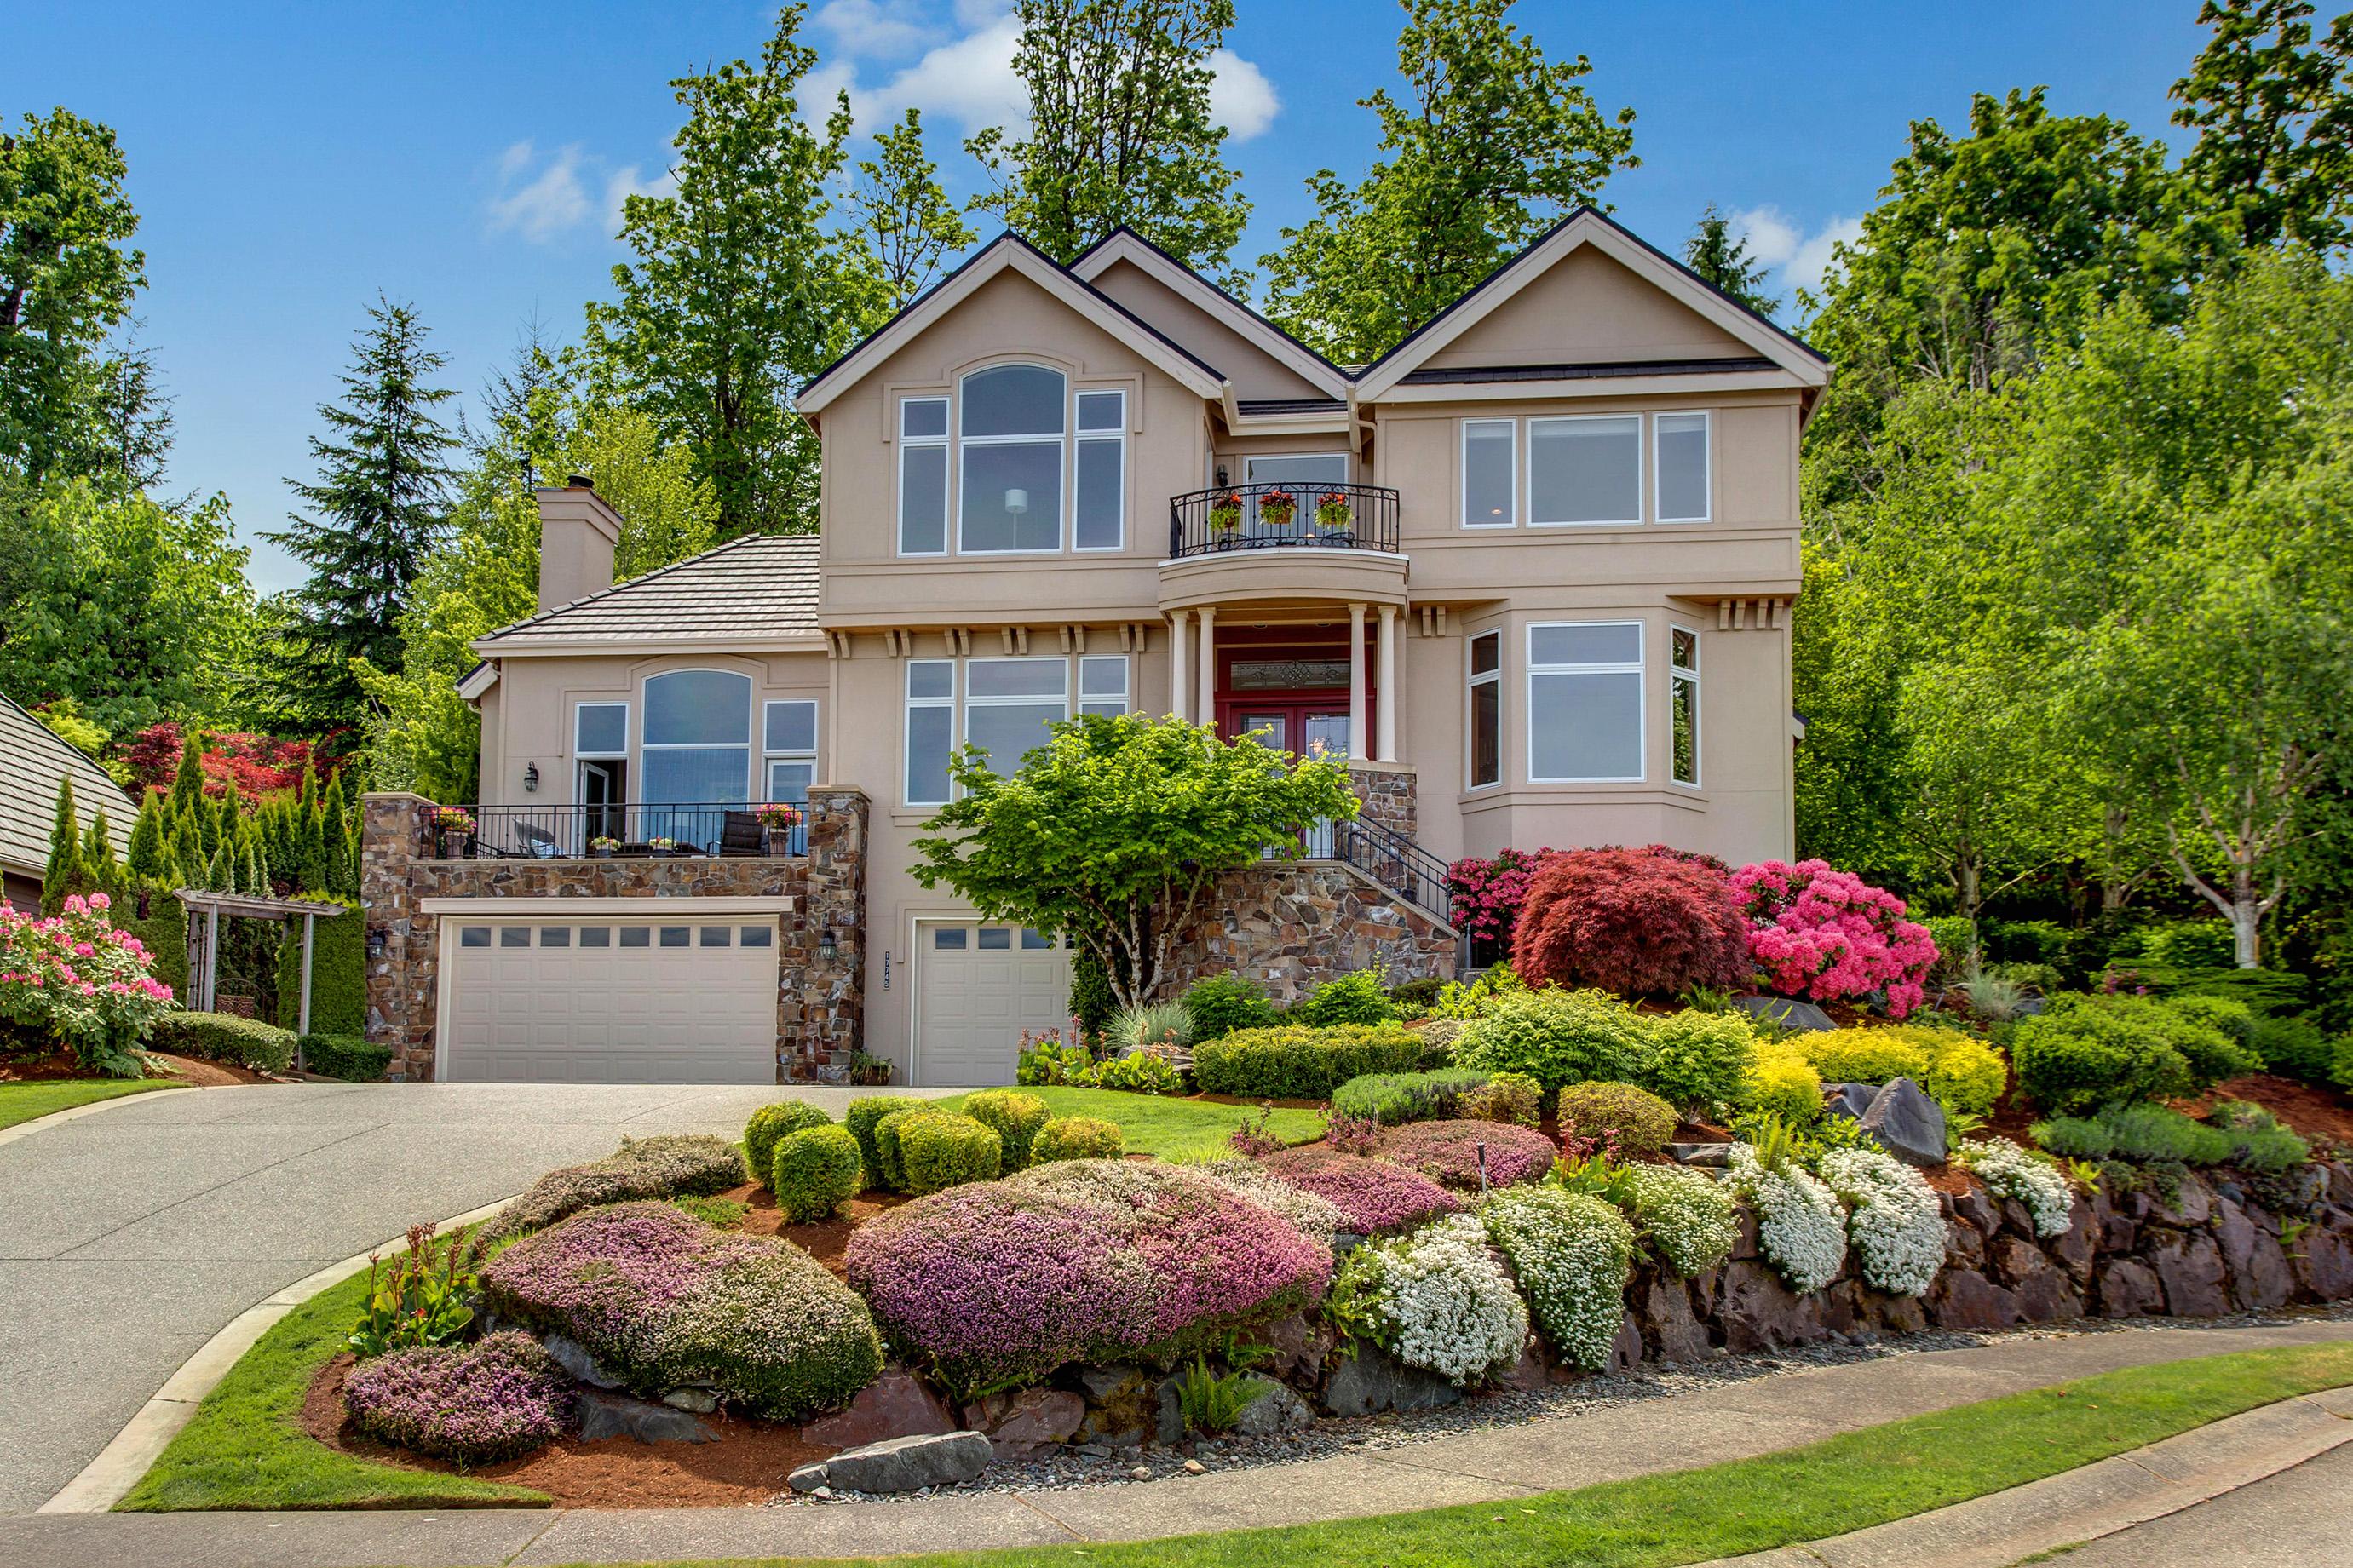 17745 SE 58th Place, Bellevue $2,230,000